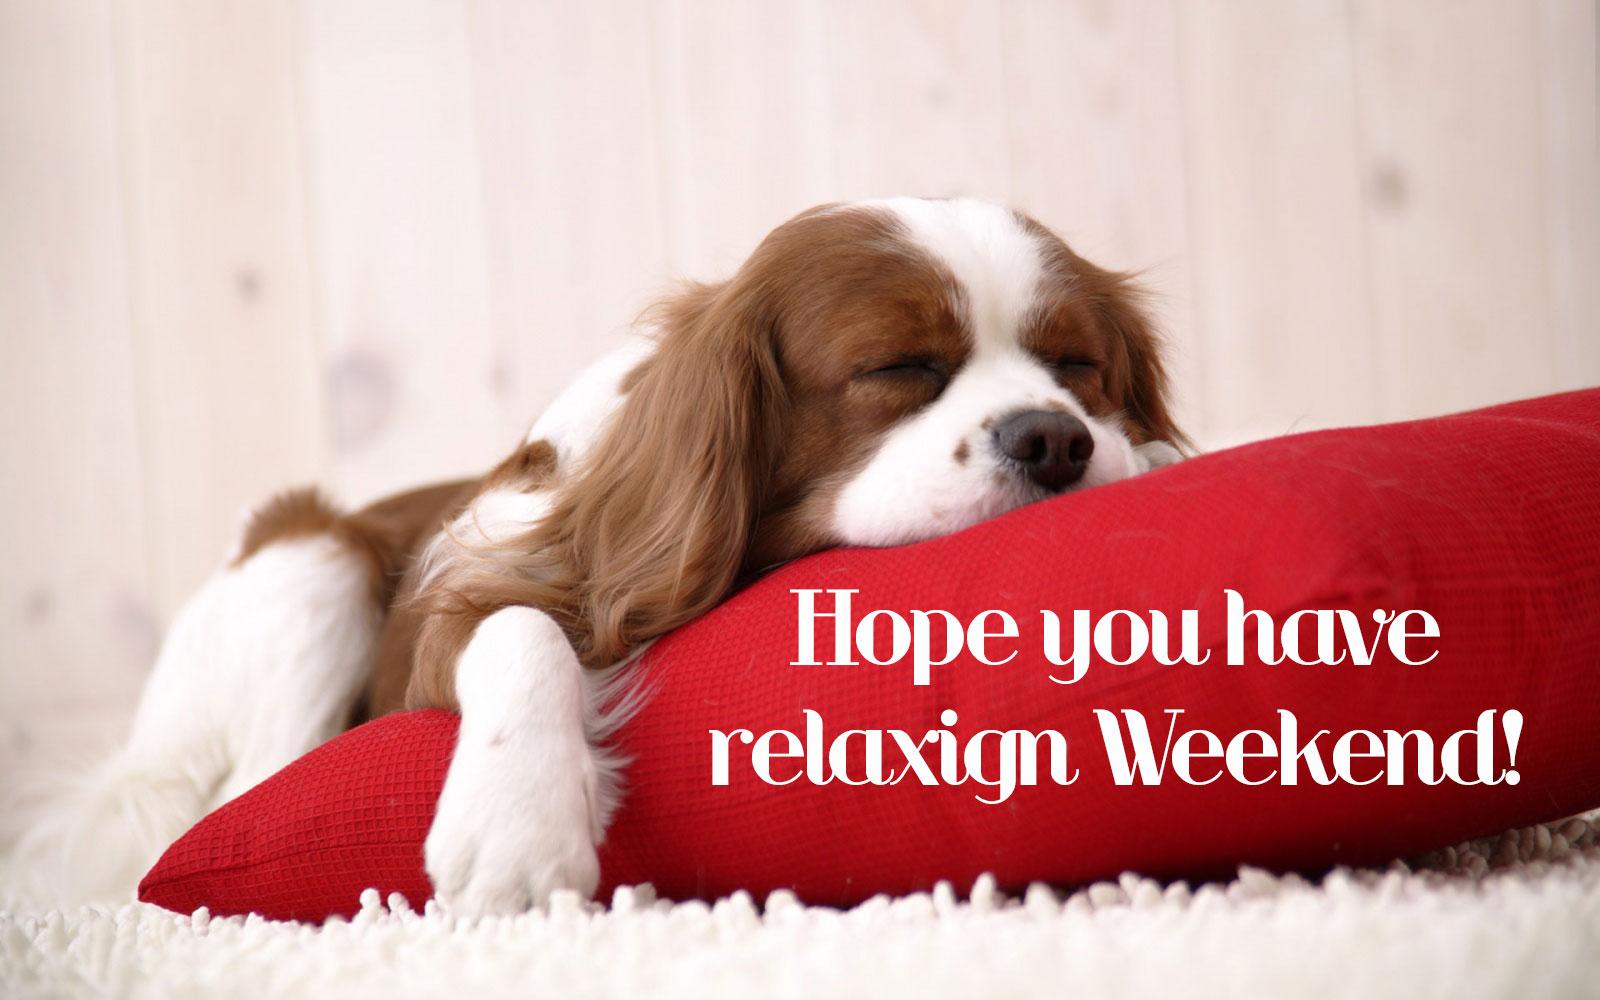 relaxing-weekend.jpg